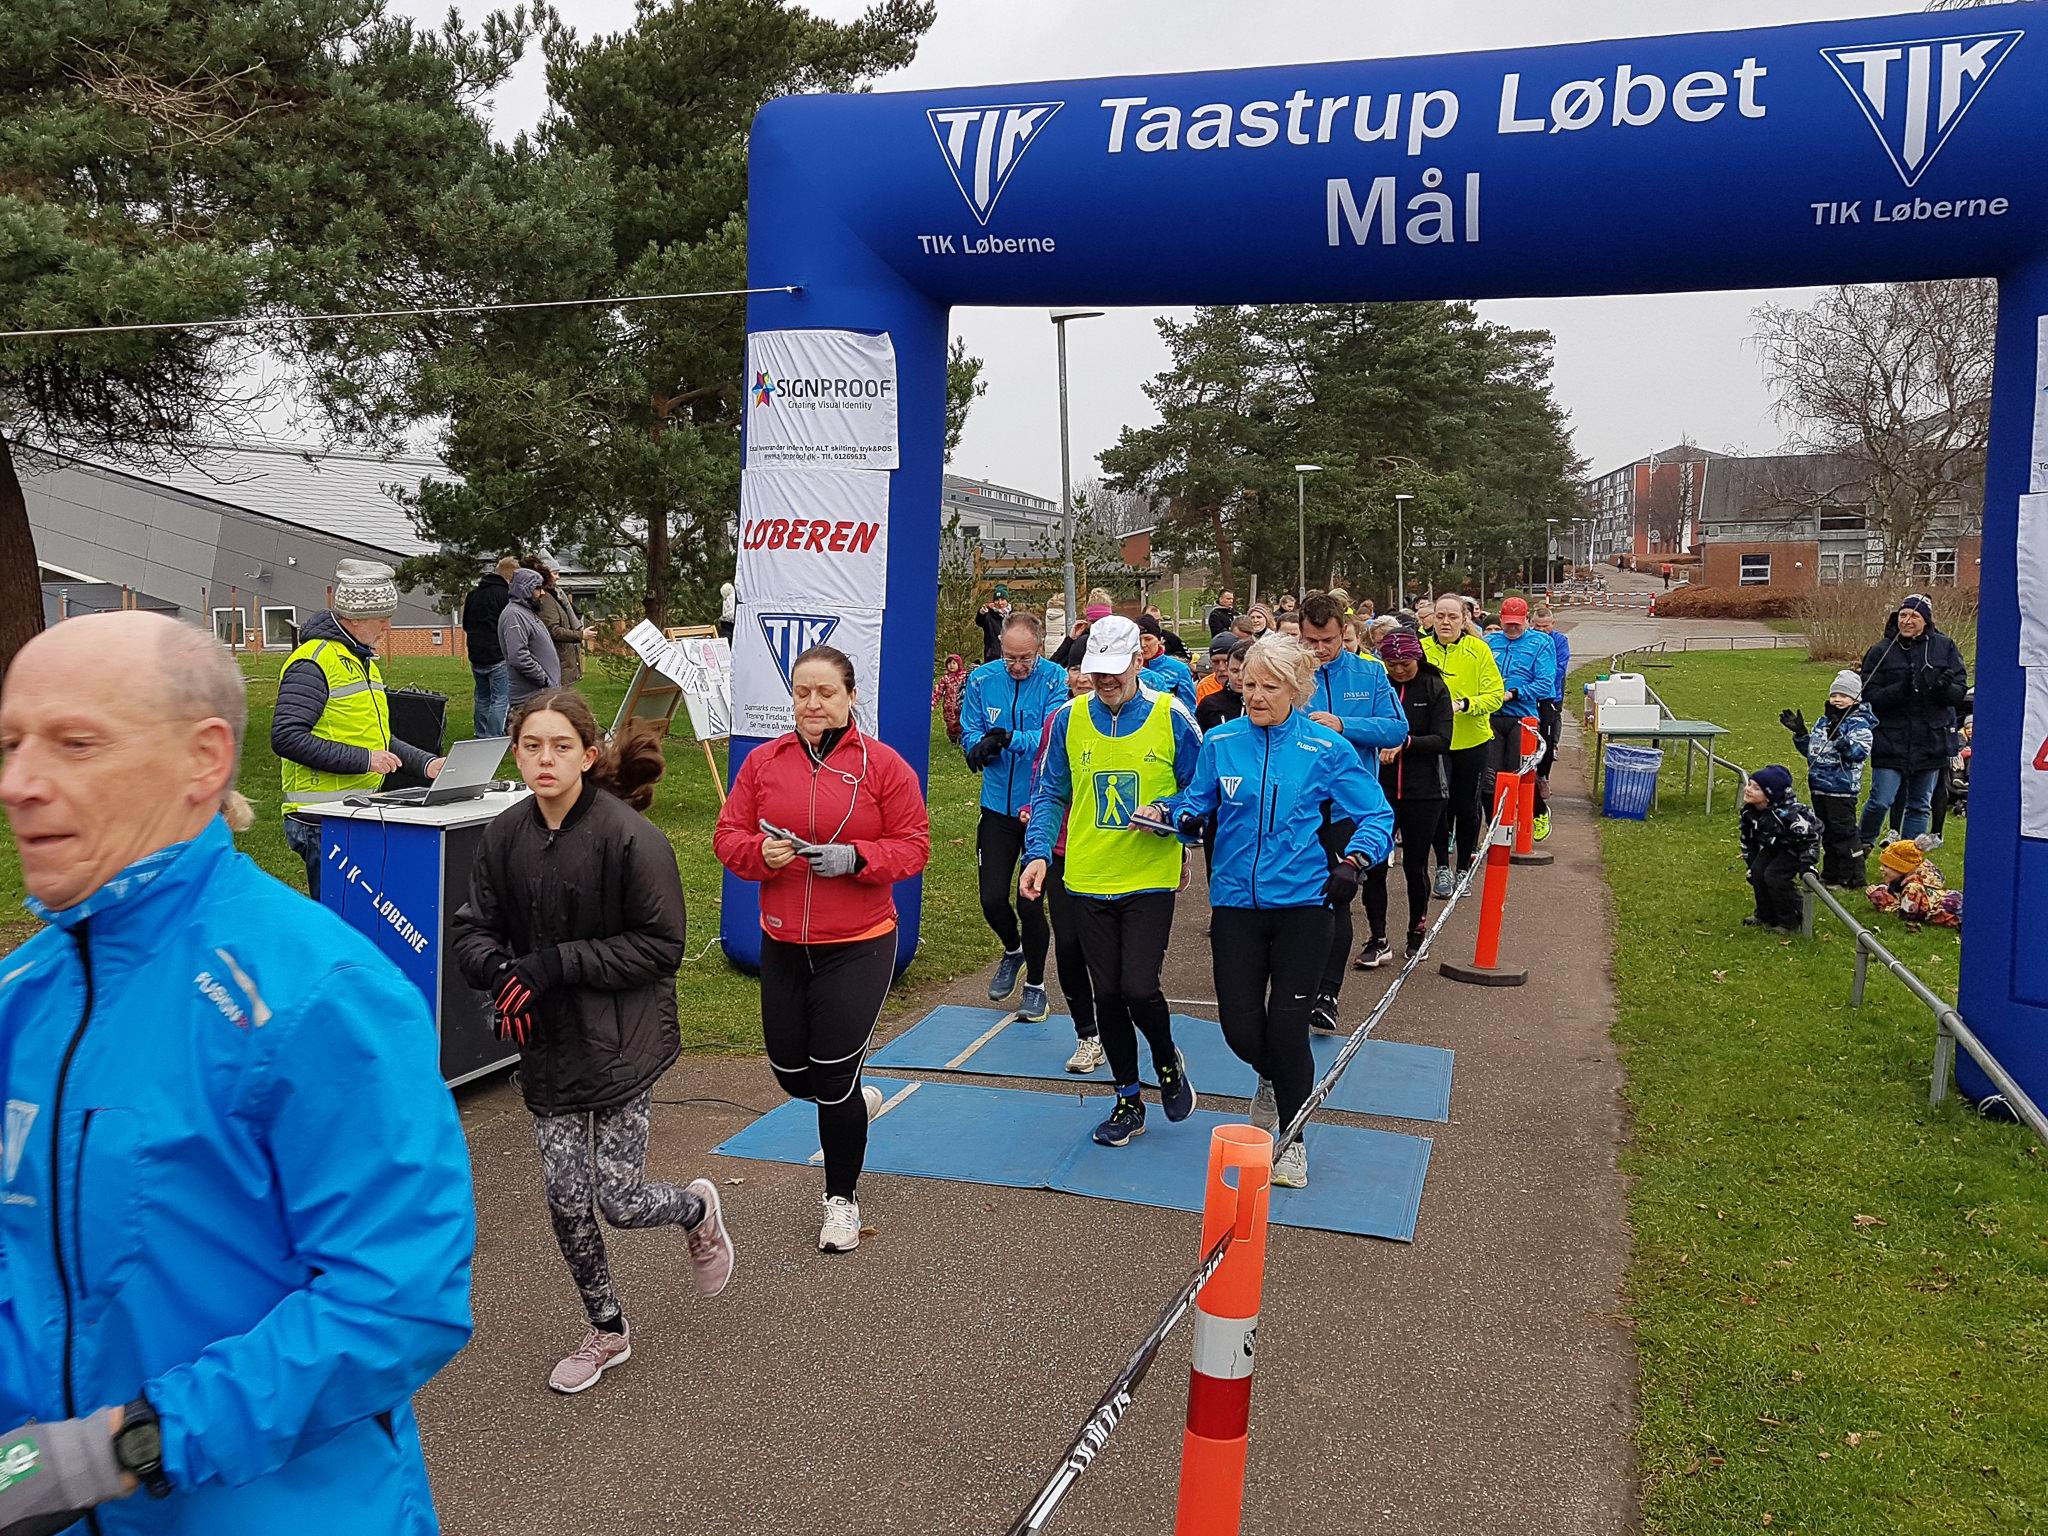 2020-02-09-165-Taastrup-Løbet-2020-02